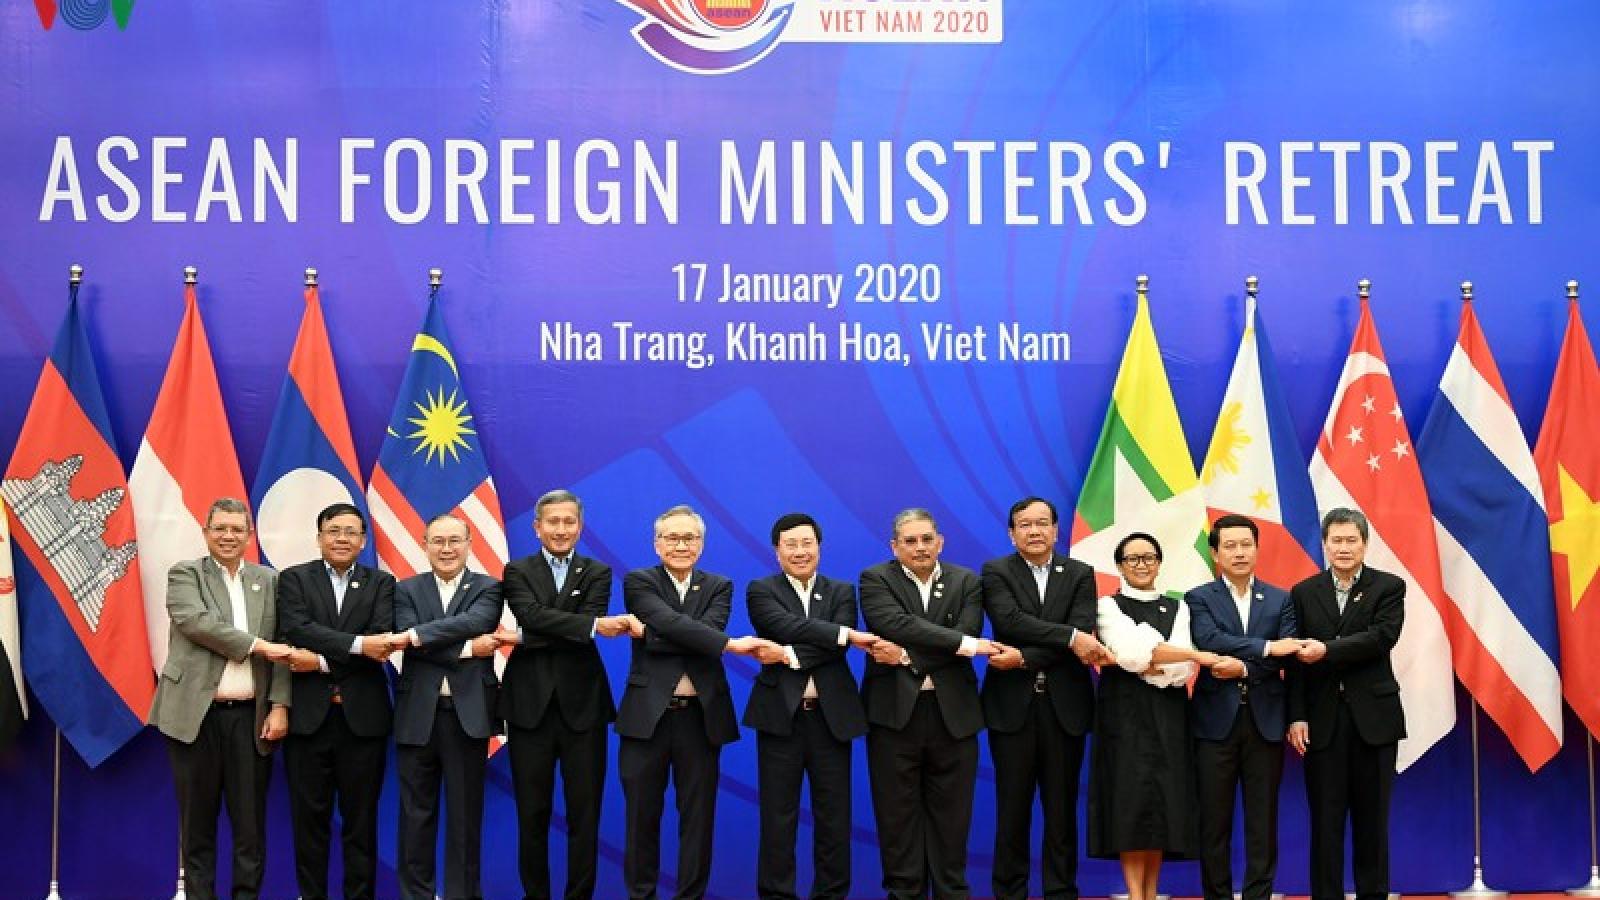 Việt Nam đang hoàn tất chuẩn bị cho Hội nghị Bộ trưởng Ngoại giao ASEAN 53